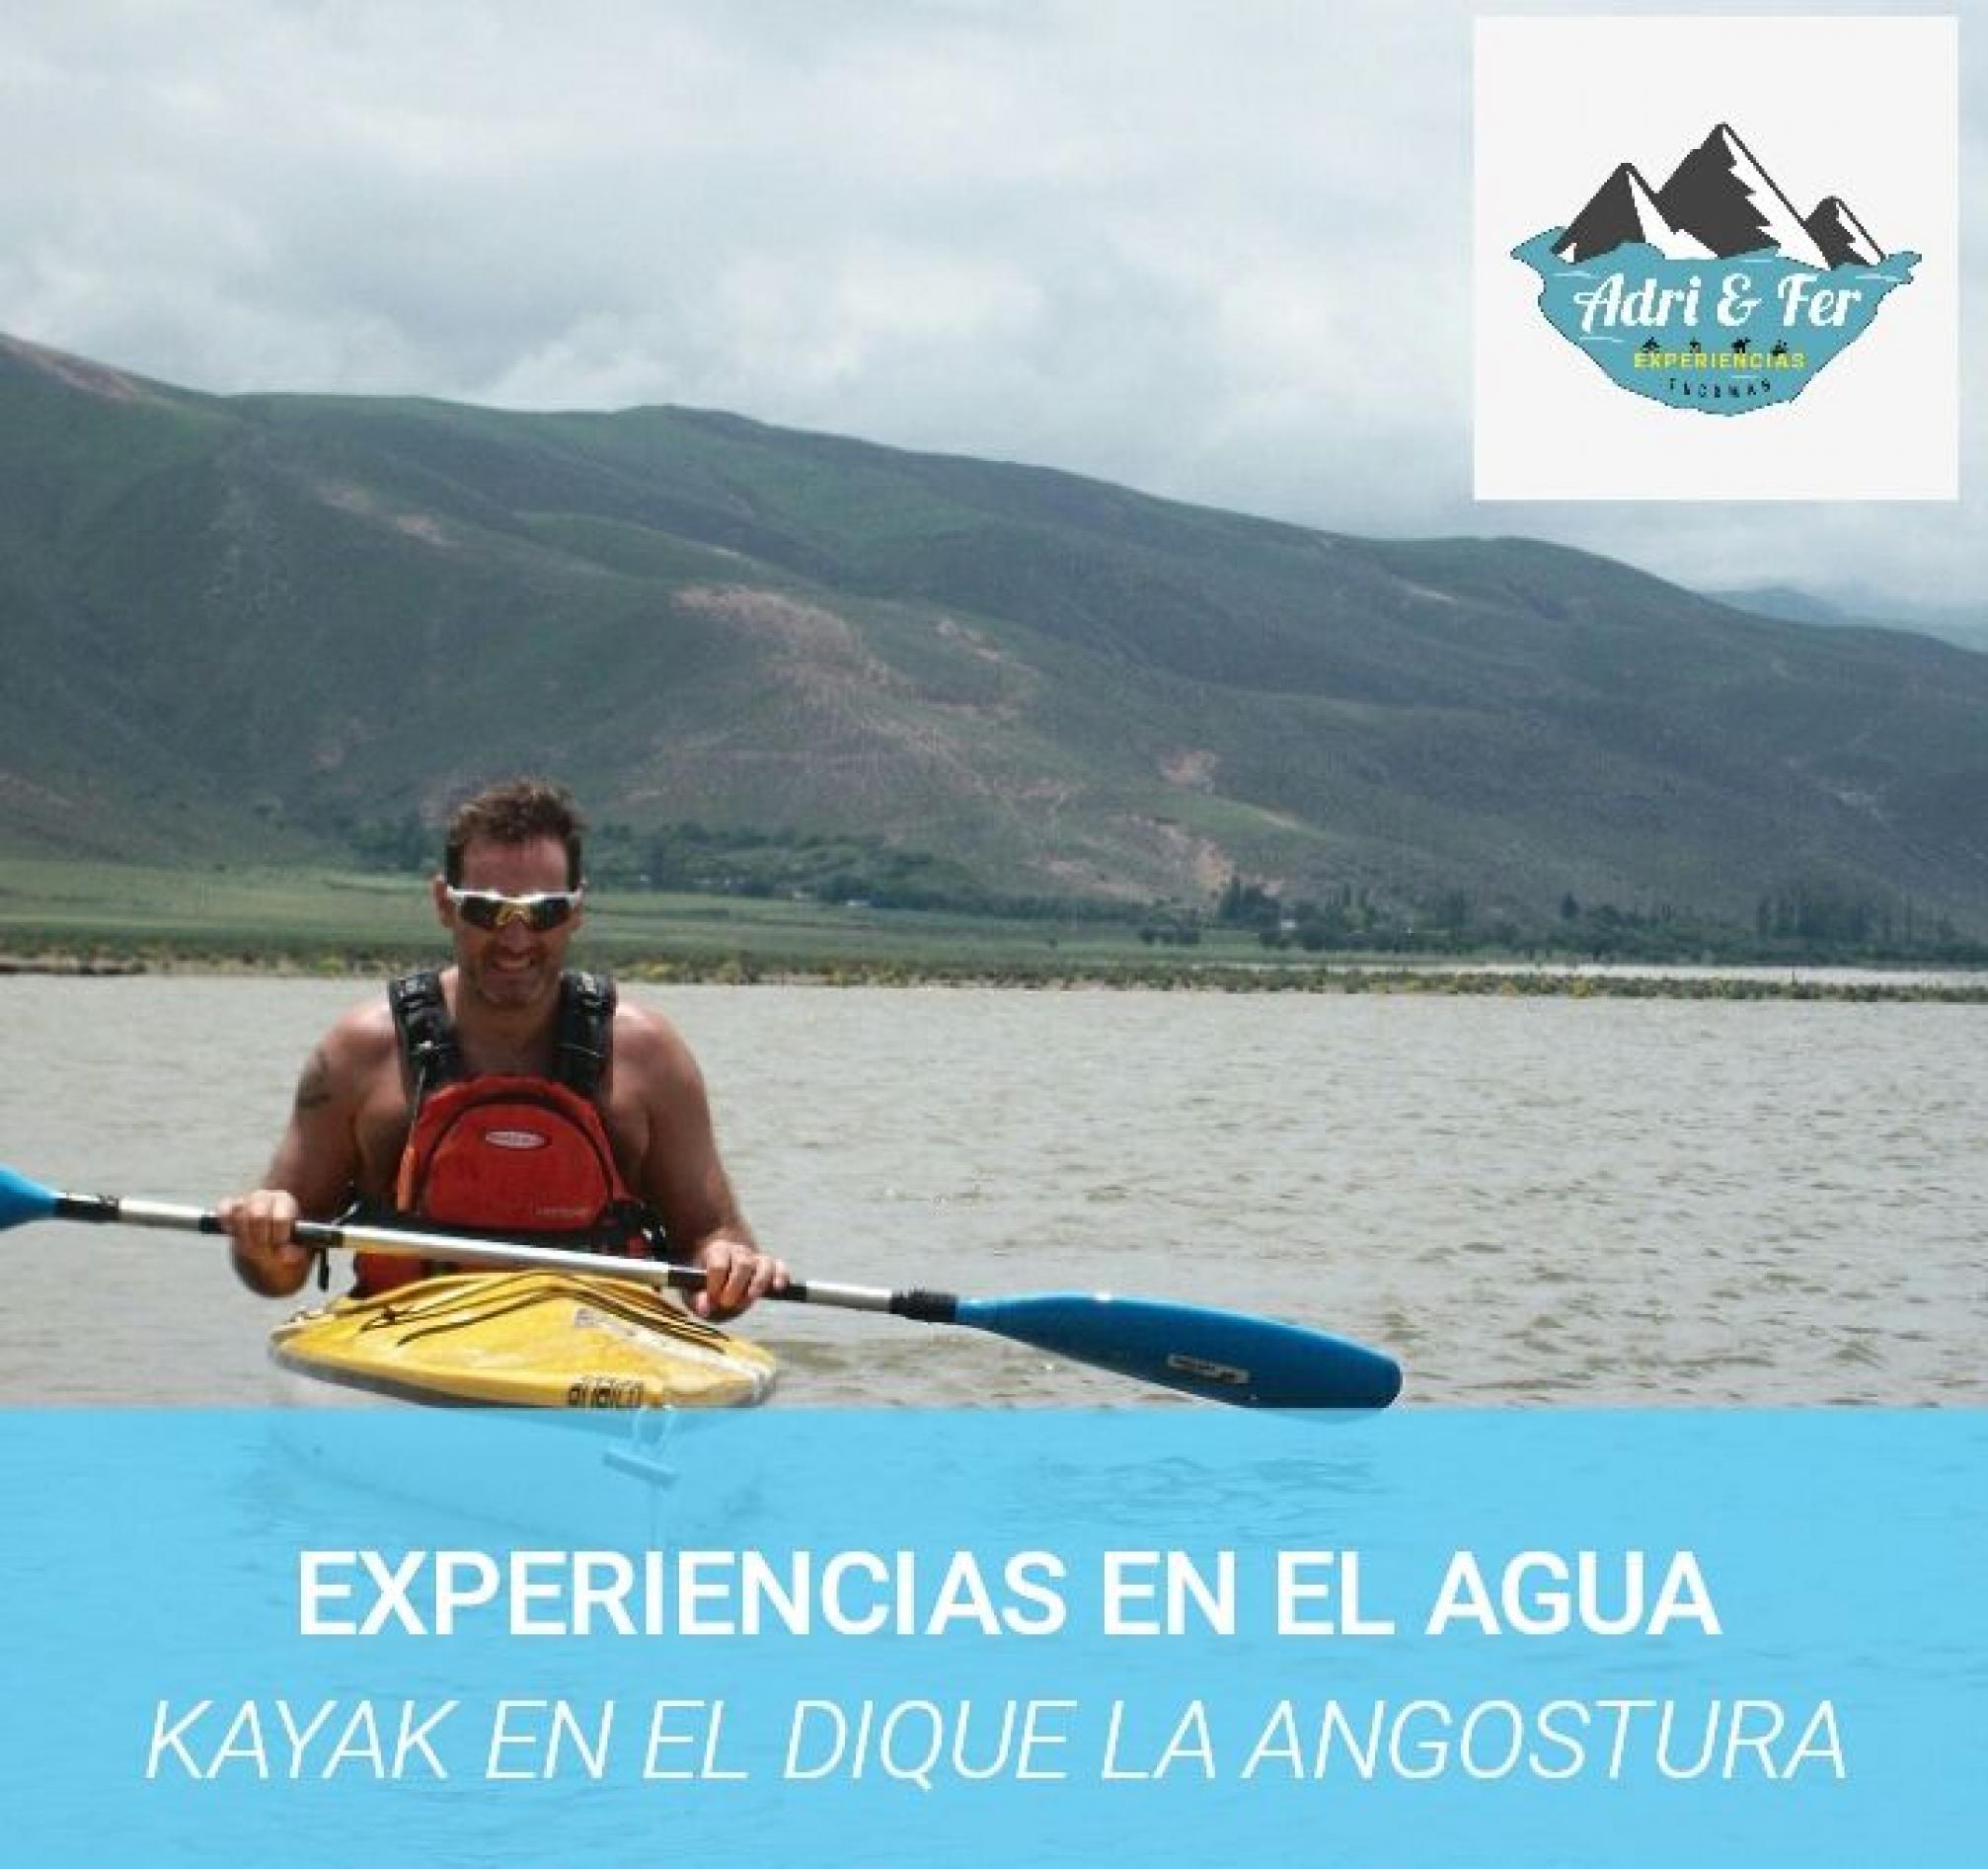 Kayak - Adri y Fer Experiencias